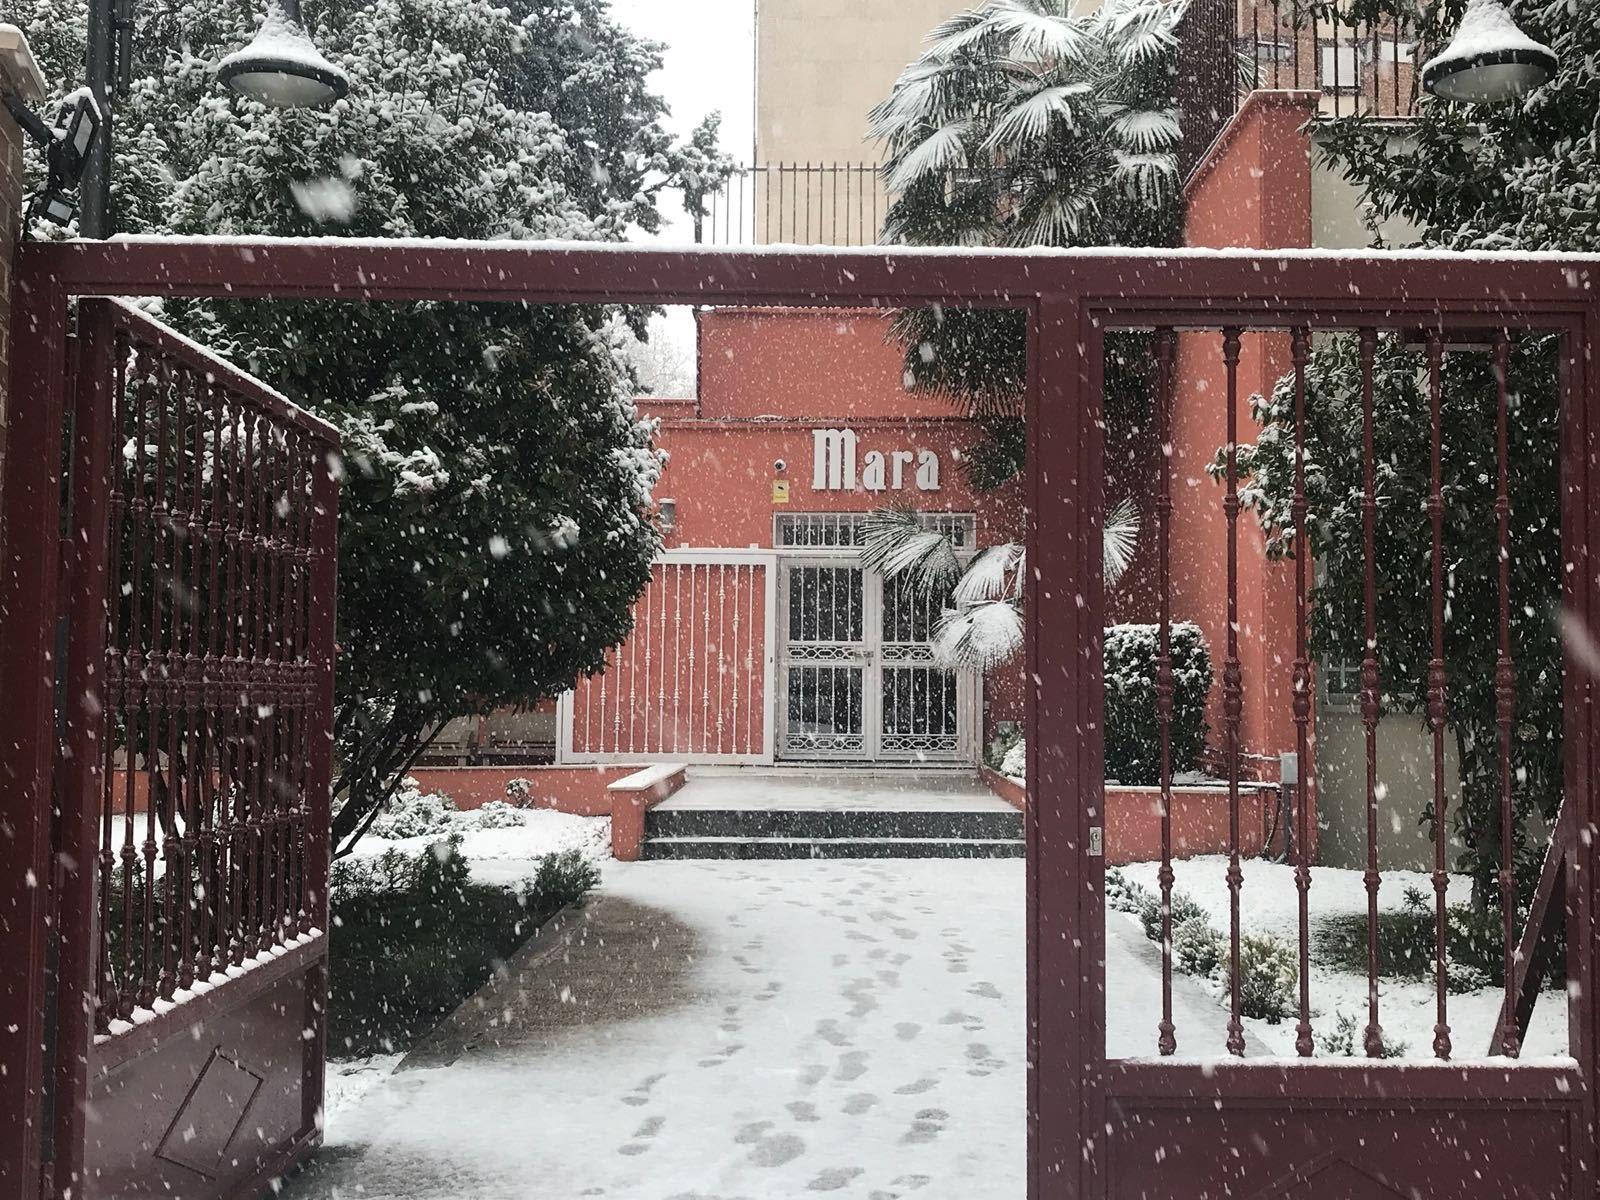 Colegio Mayor Mara - Vuelta al Colegio Mayor - Superada la Navidad las colegialas regresan al Colegio Mayor Mara con energías renovadas y fuerzas para enfrentarse al curso - Colegio Mayor en Madrid